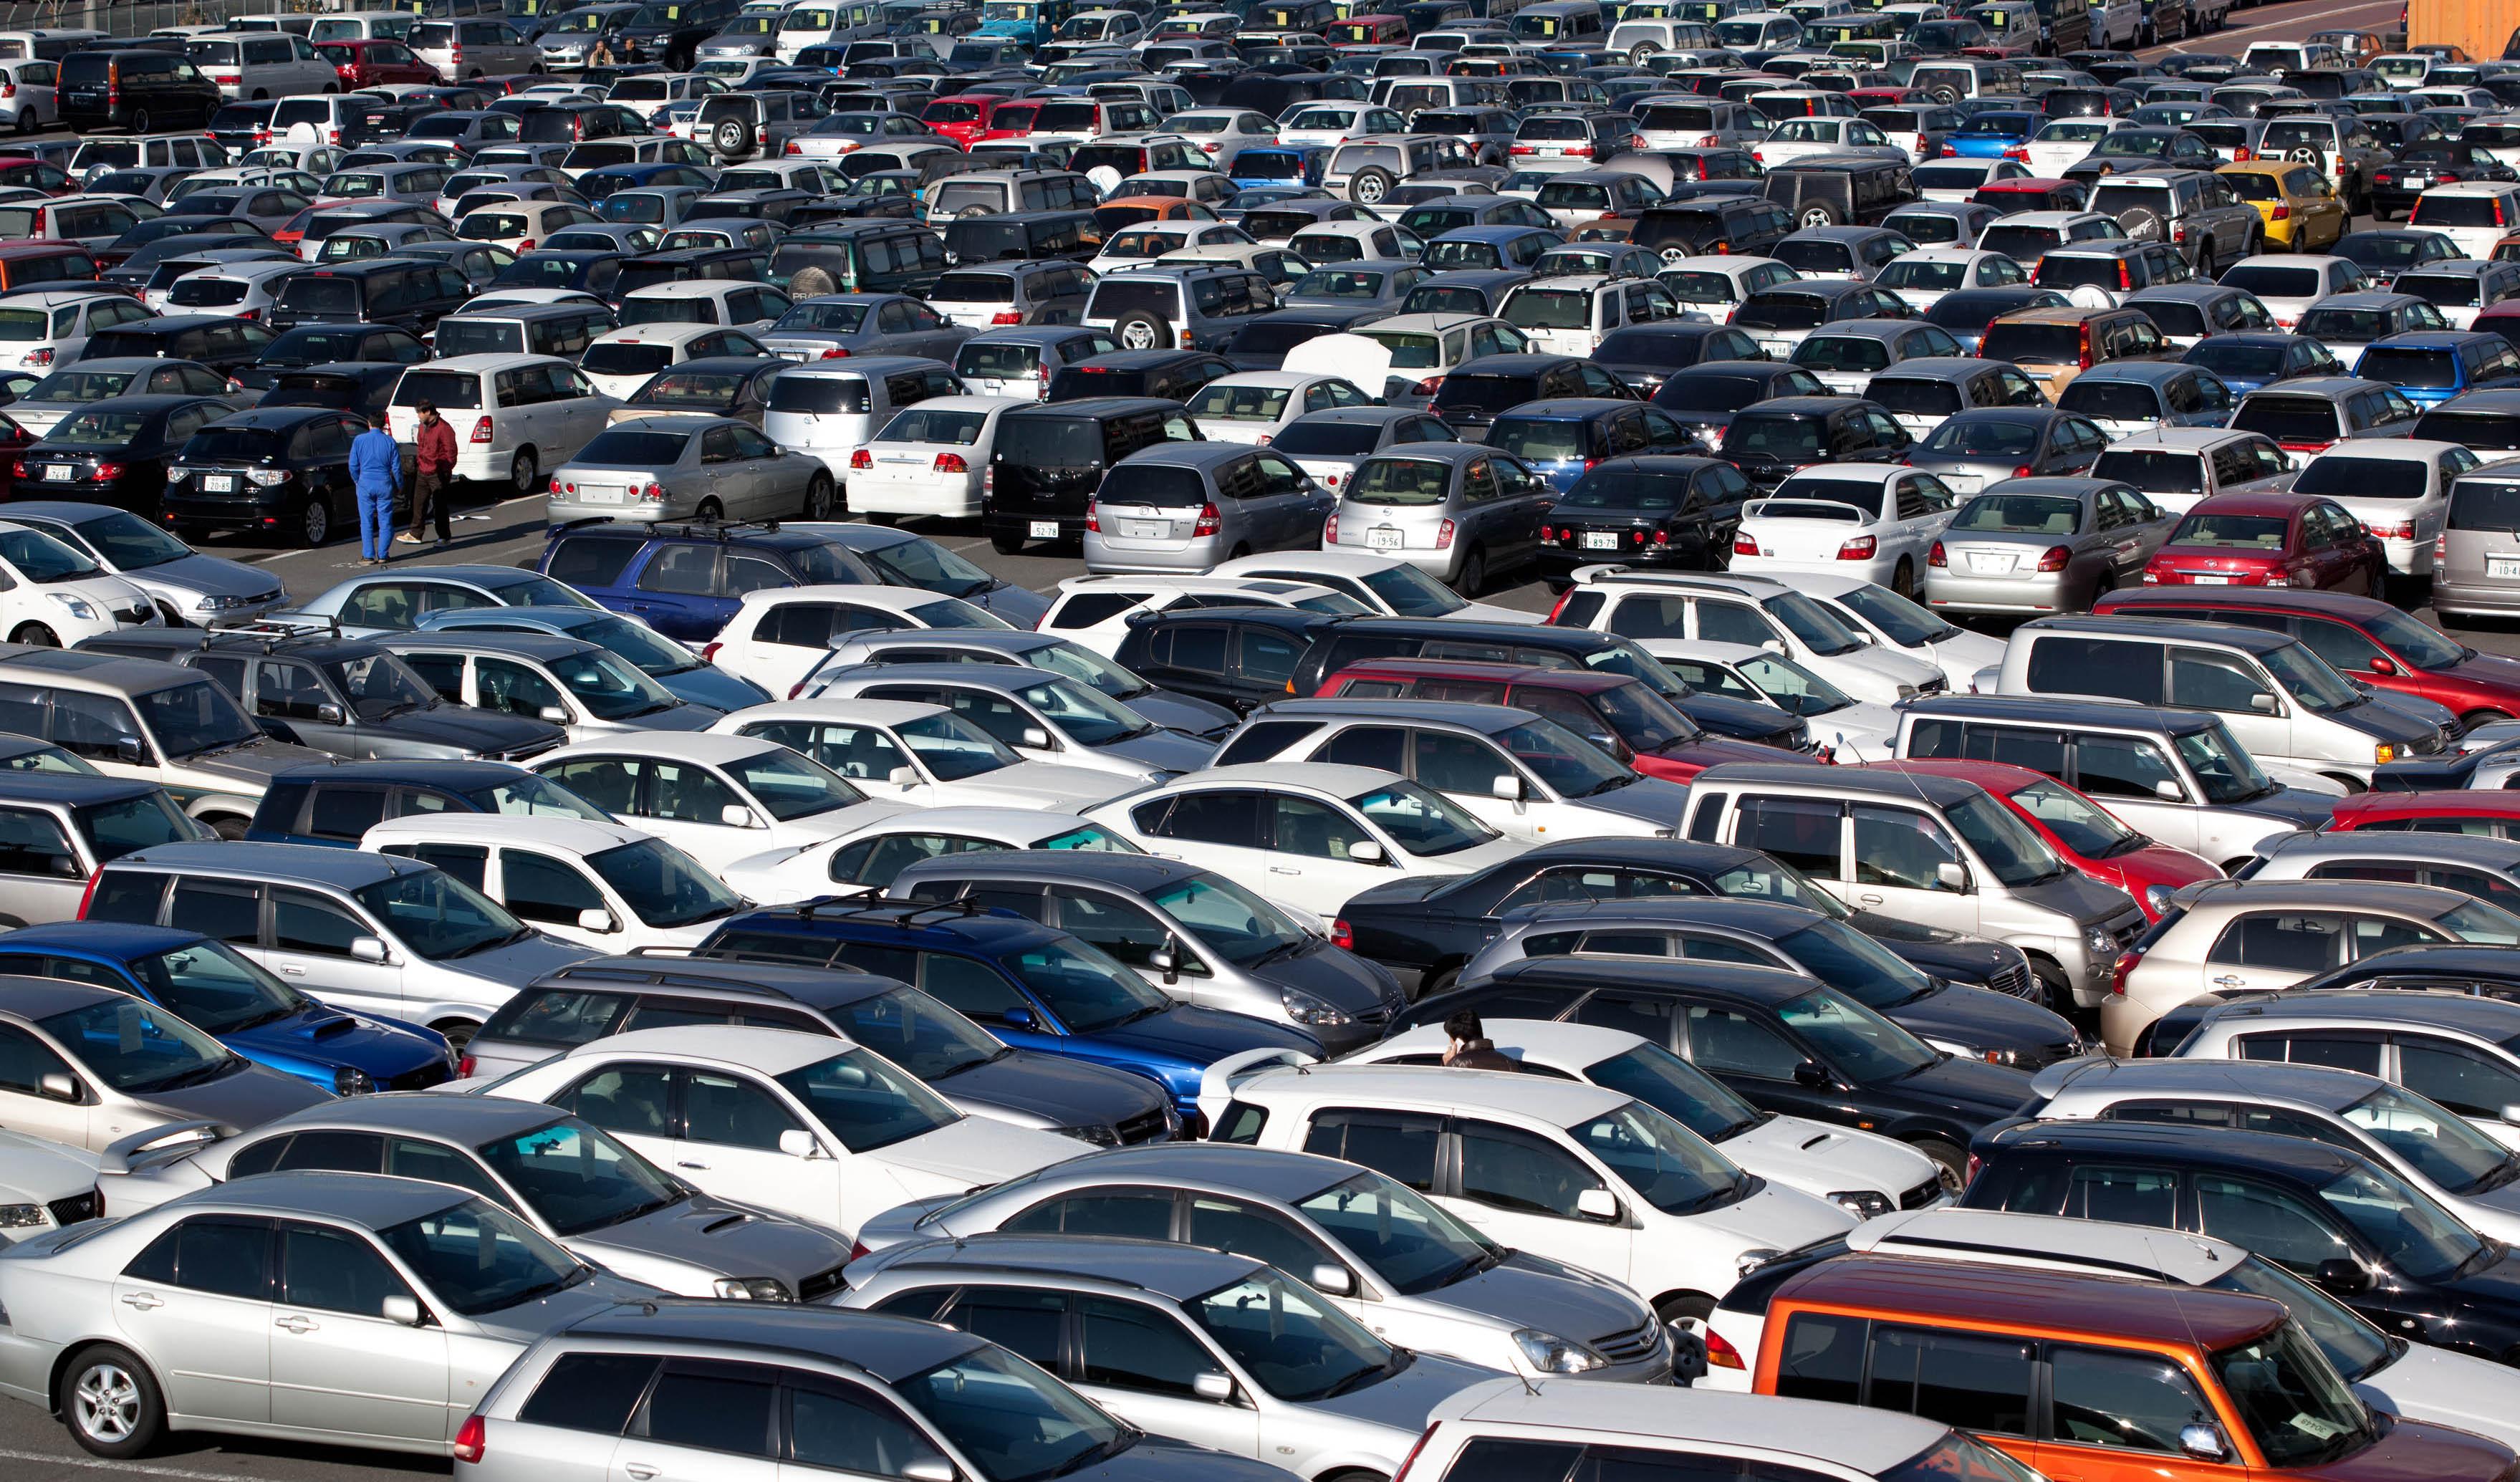 قیمت انواع خودرو در بازار/ پژو 2008 در آستانه میلیاردی شدن